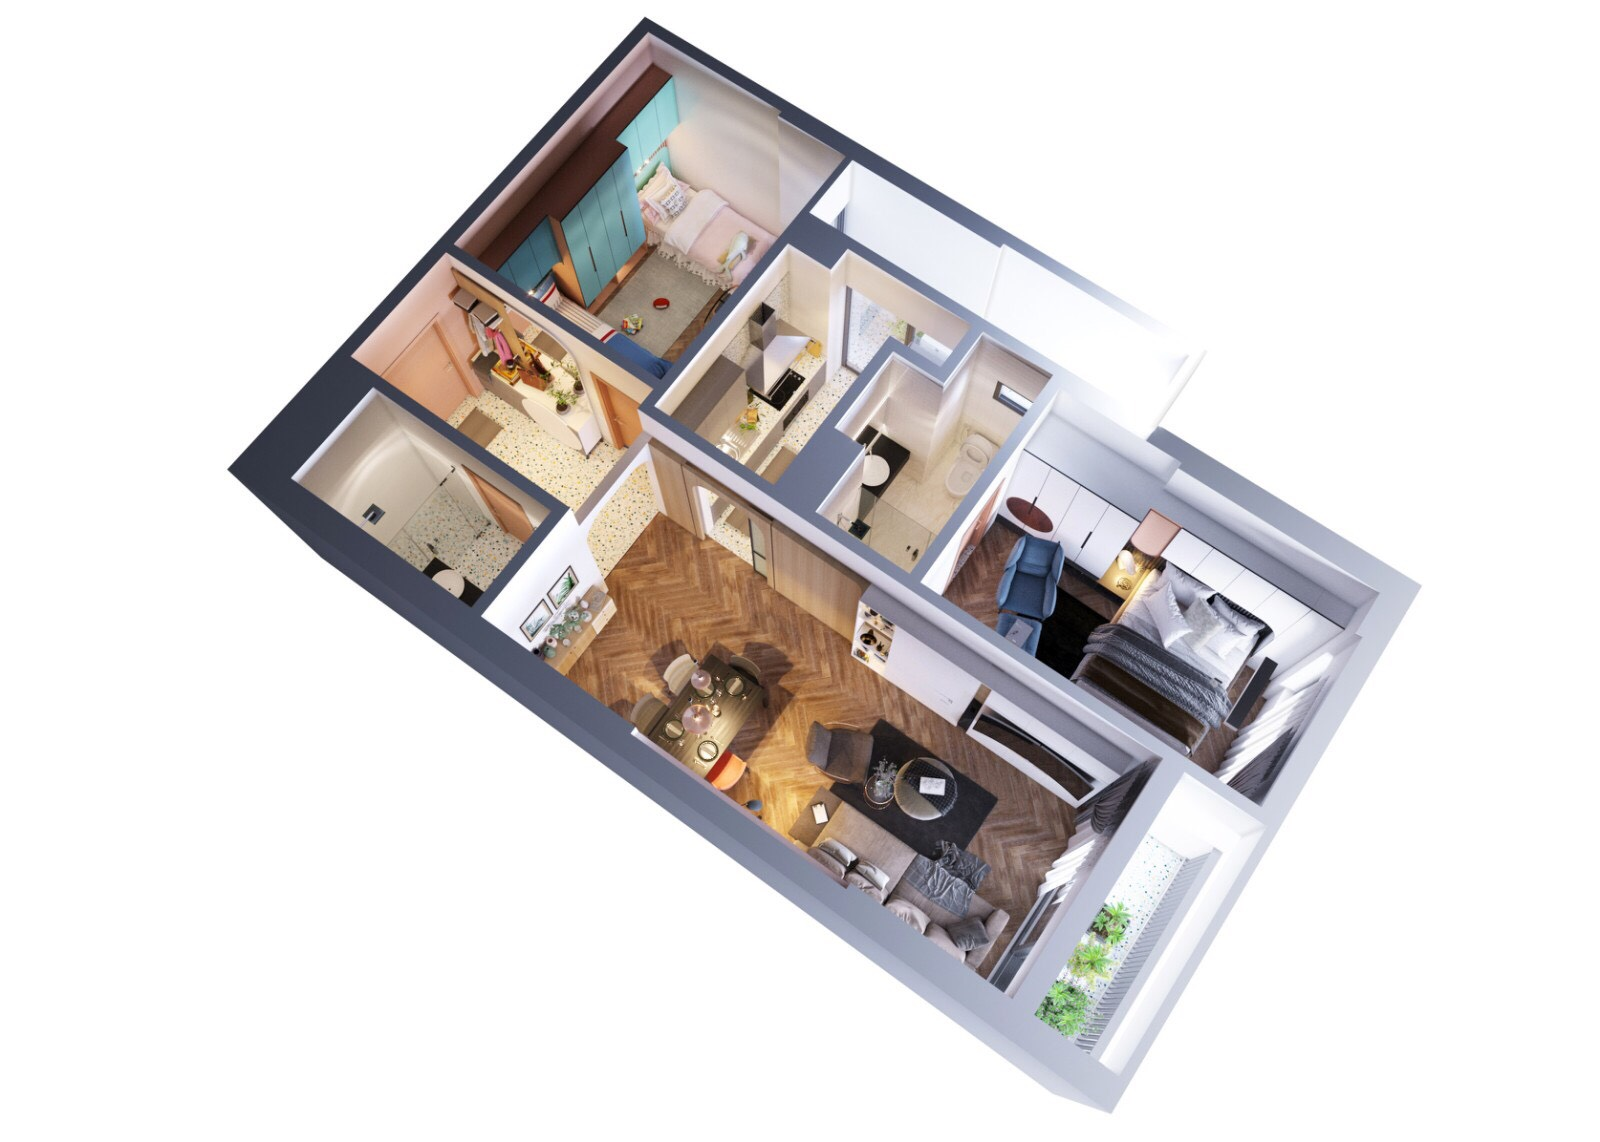 Thiết kế căn hộ 2 phòng ngủ Green Pearl Bắc Ninh